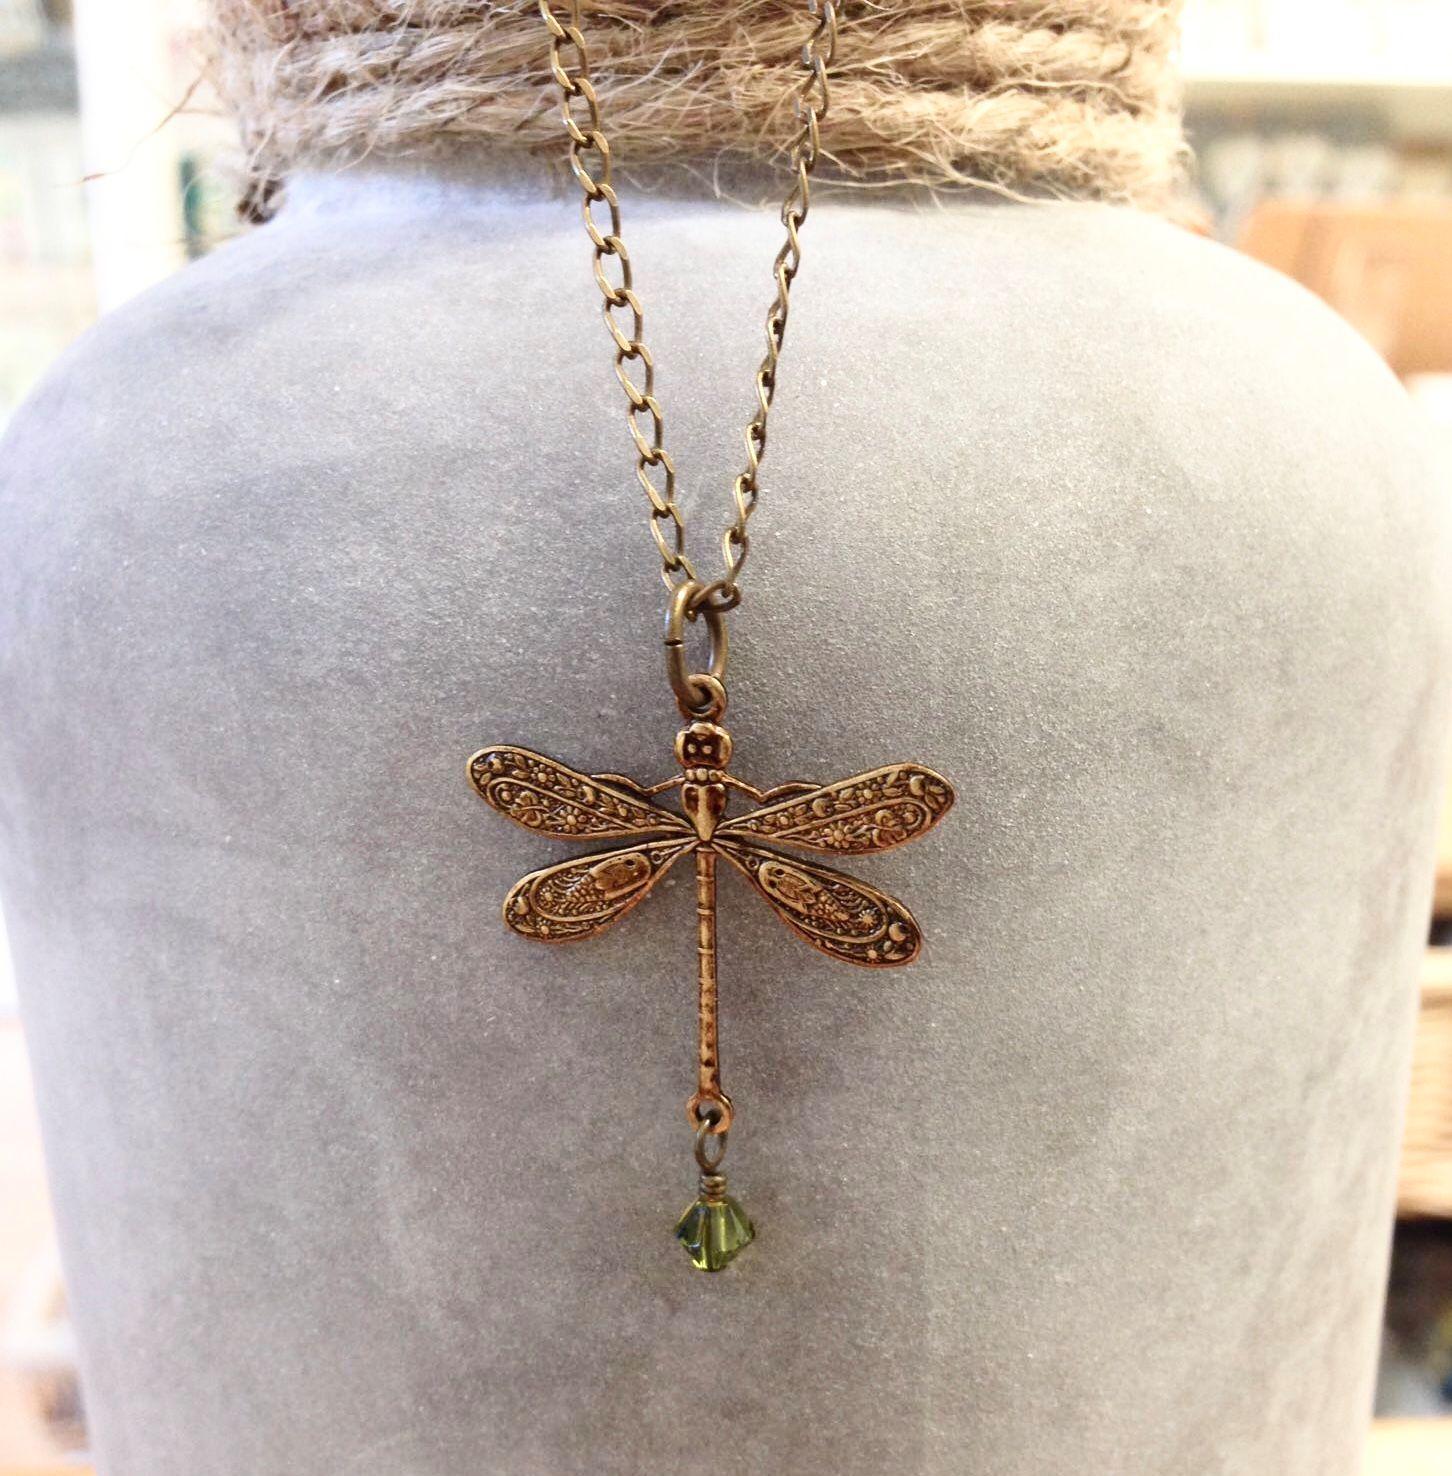 Birdie n Beau jewellery is hand made by Caroline